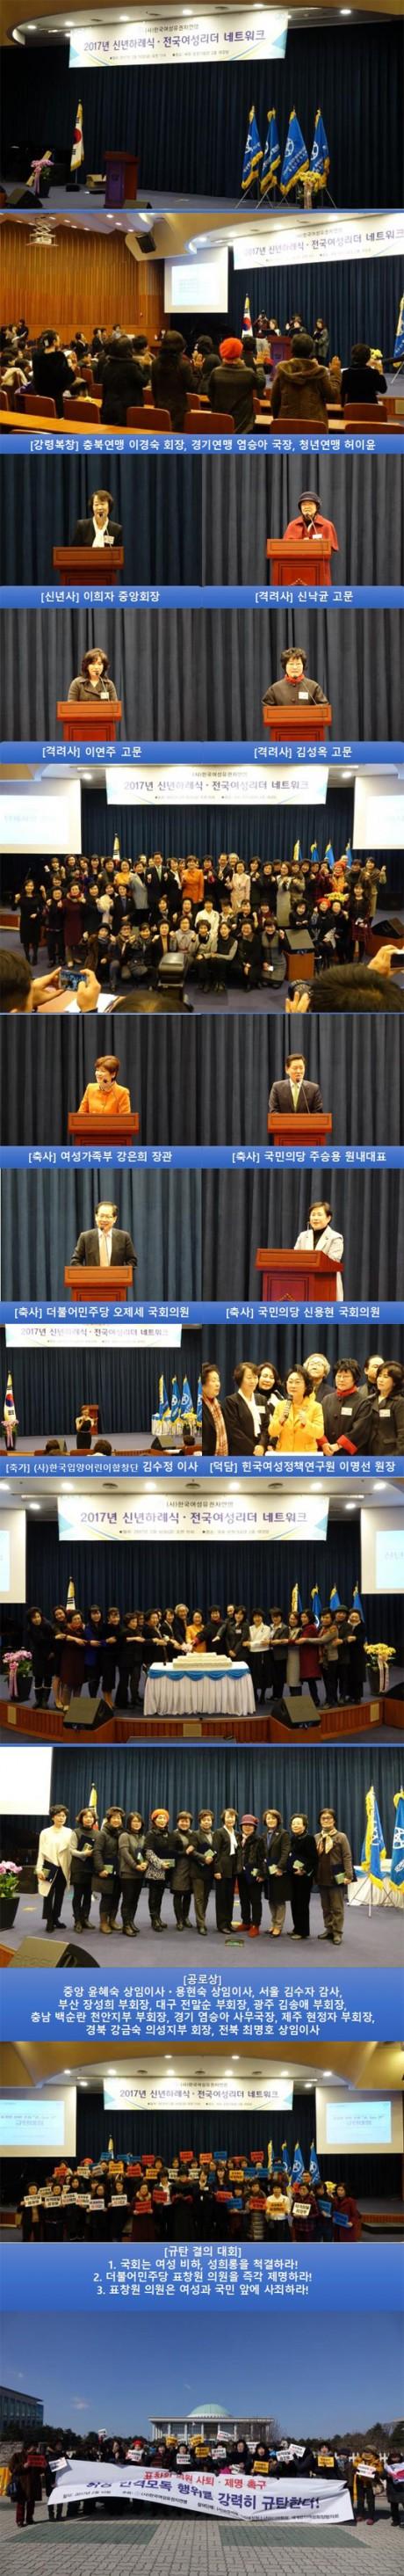 성평등 의회를 위한 정치관계법 개선 토론회 참석